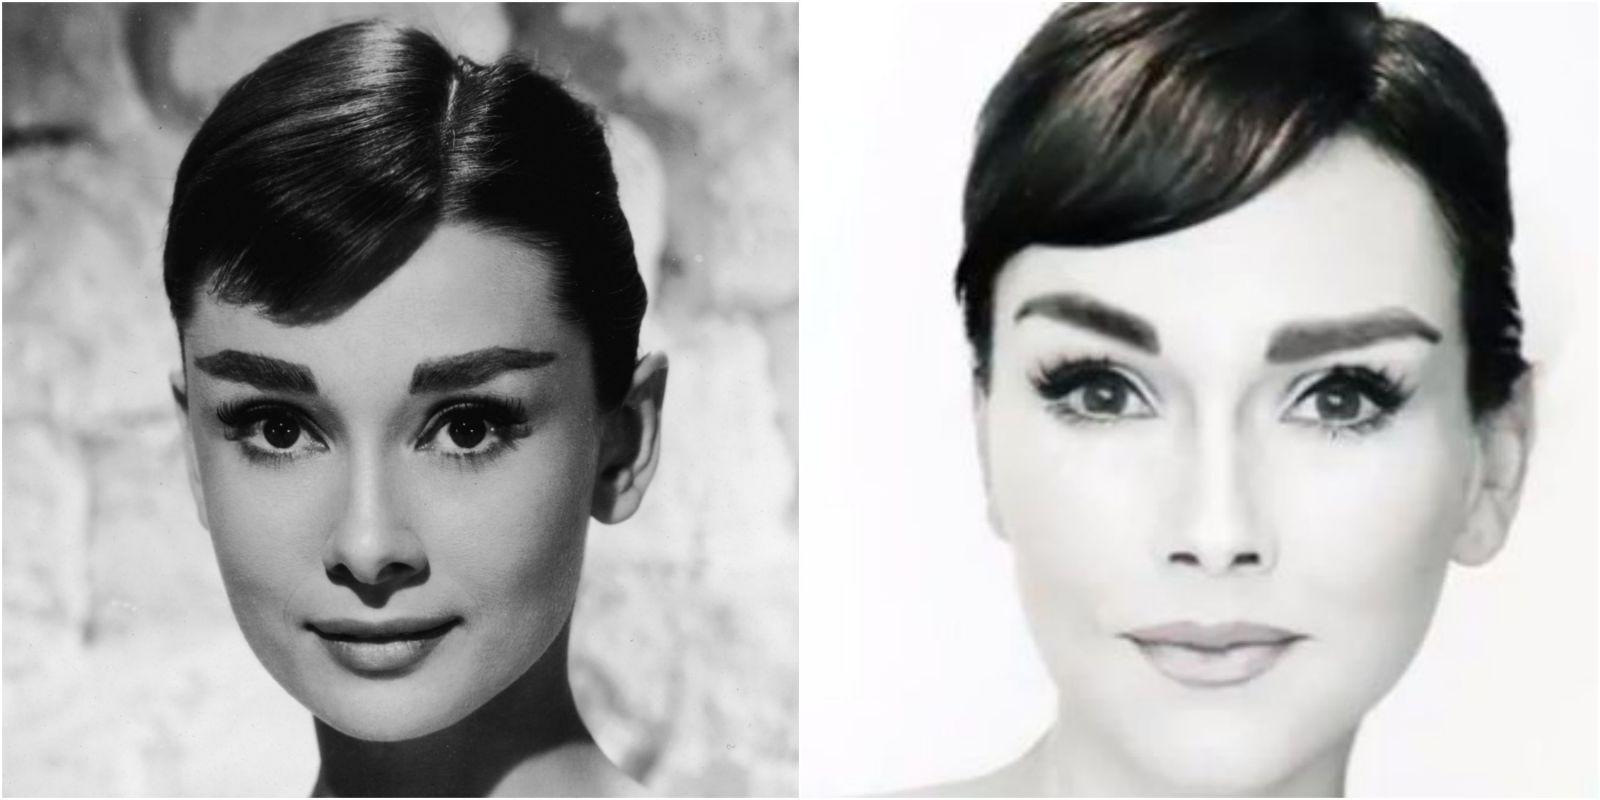 Audrey Hepburn Makeup Transformation - How to Do Audrey Hepburn's ...